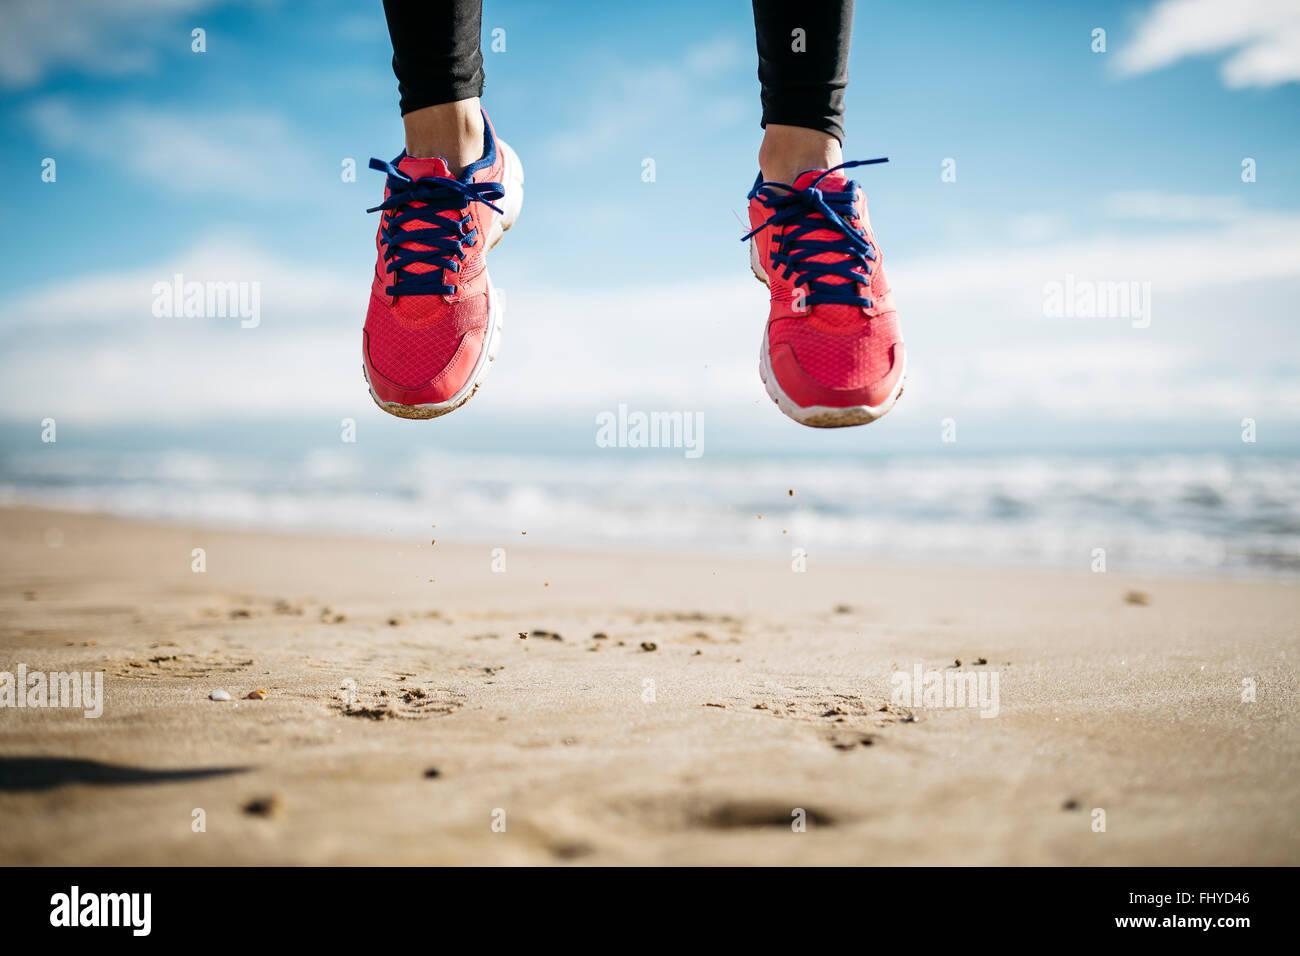 Vai a pochi piedi calzati in scarpe da ginnastica, sulla spiaggia Immagini Stock